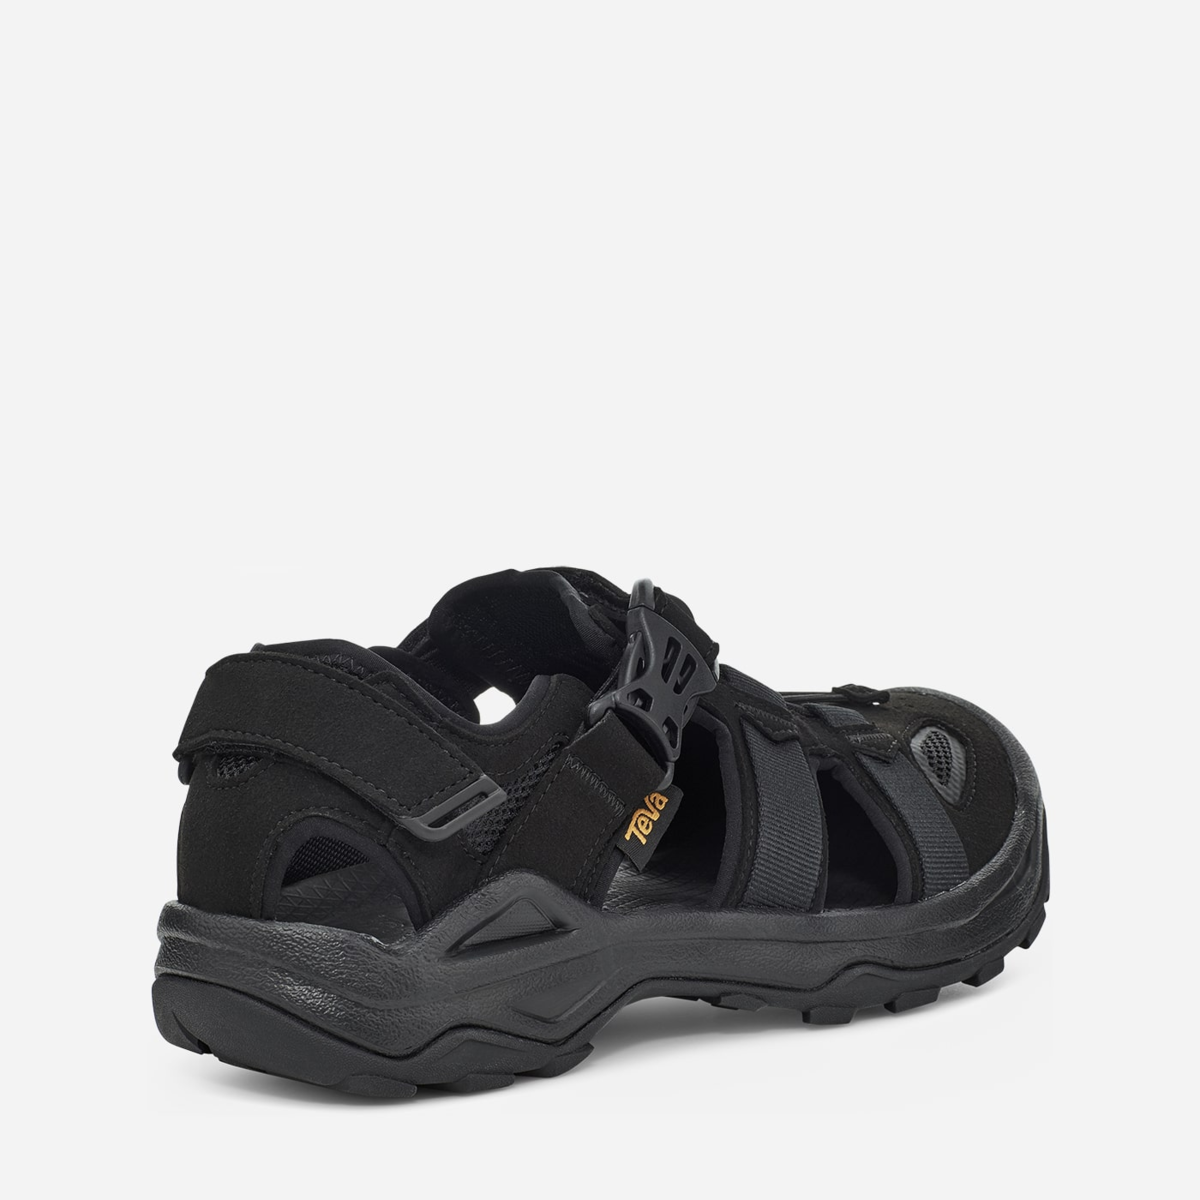 https://jp.teva.com/men-shoes/omnium-faux-suede/1116202/01?detail_disp_manage_code=1_1_1116202_1